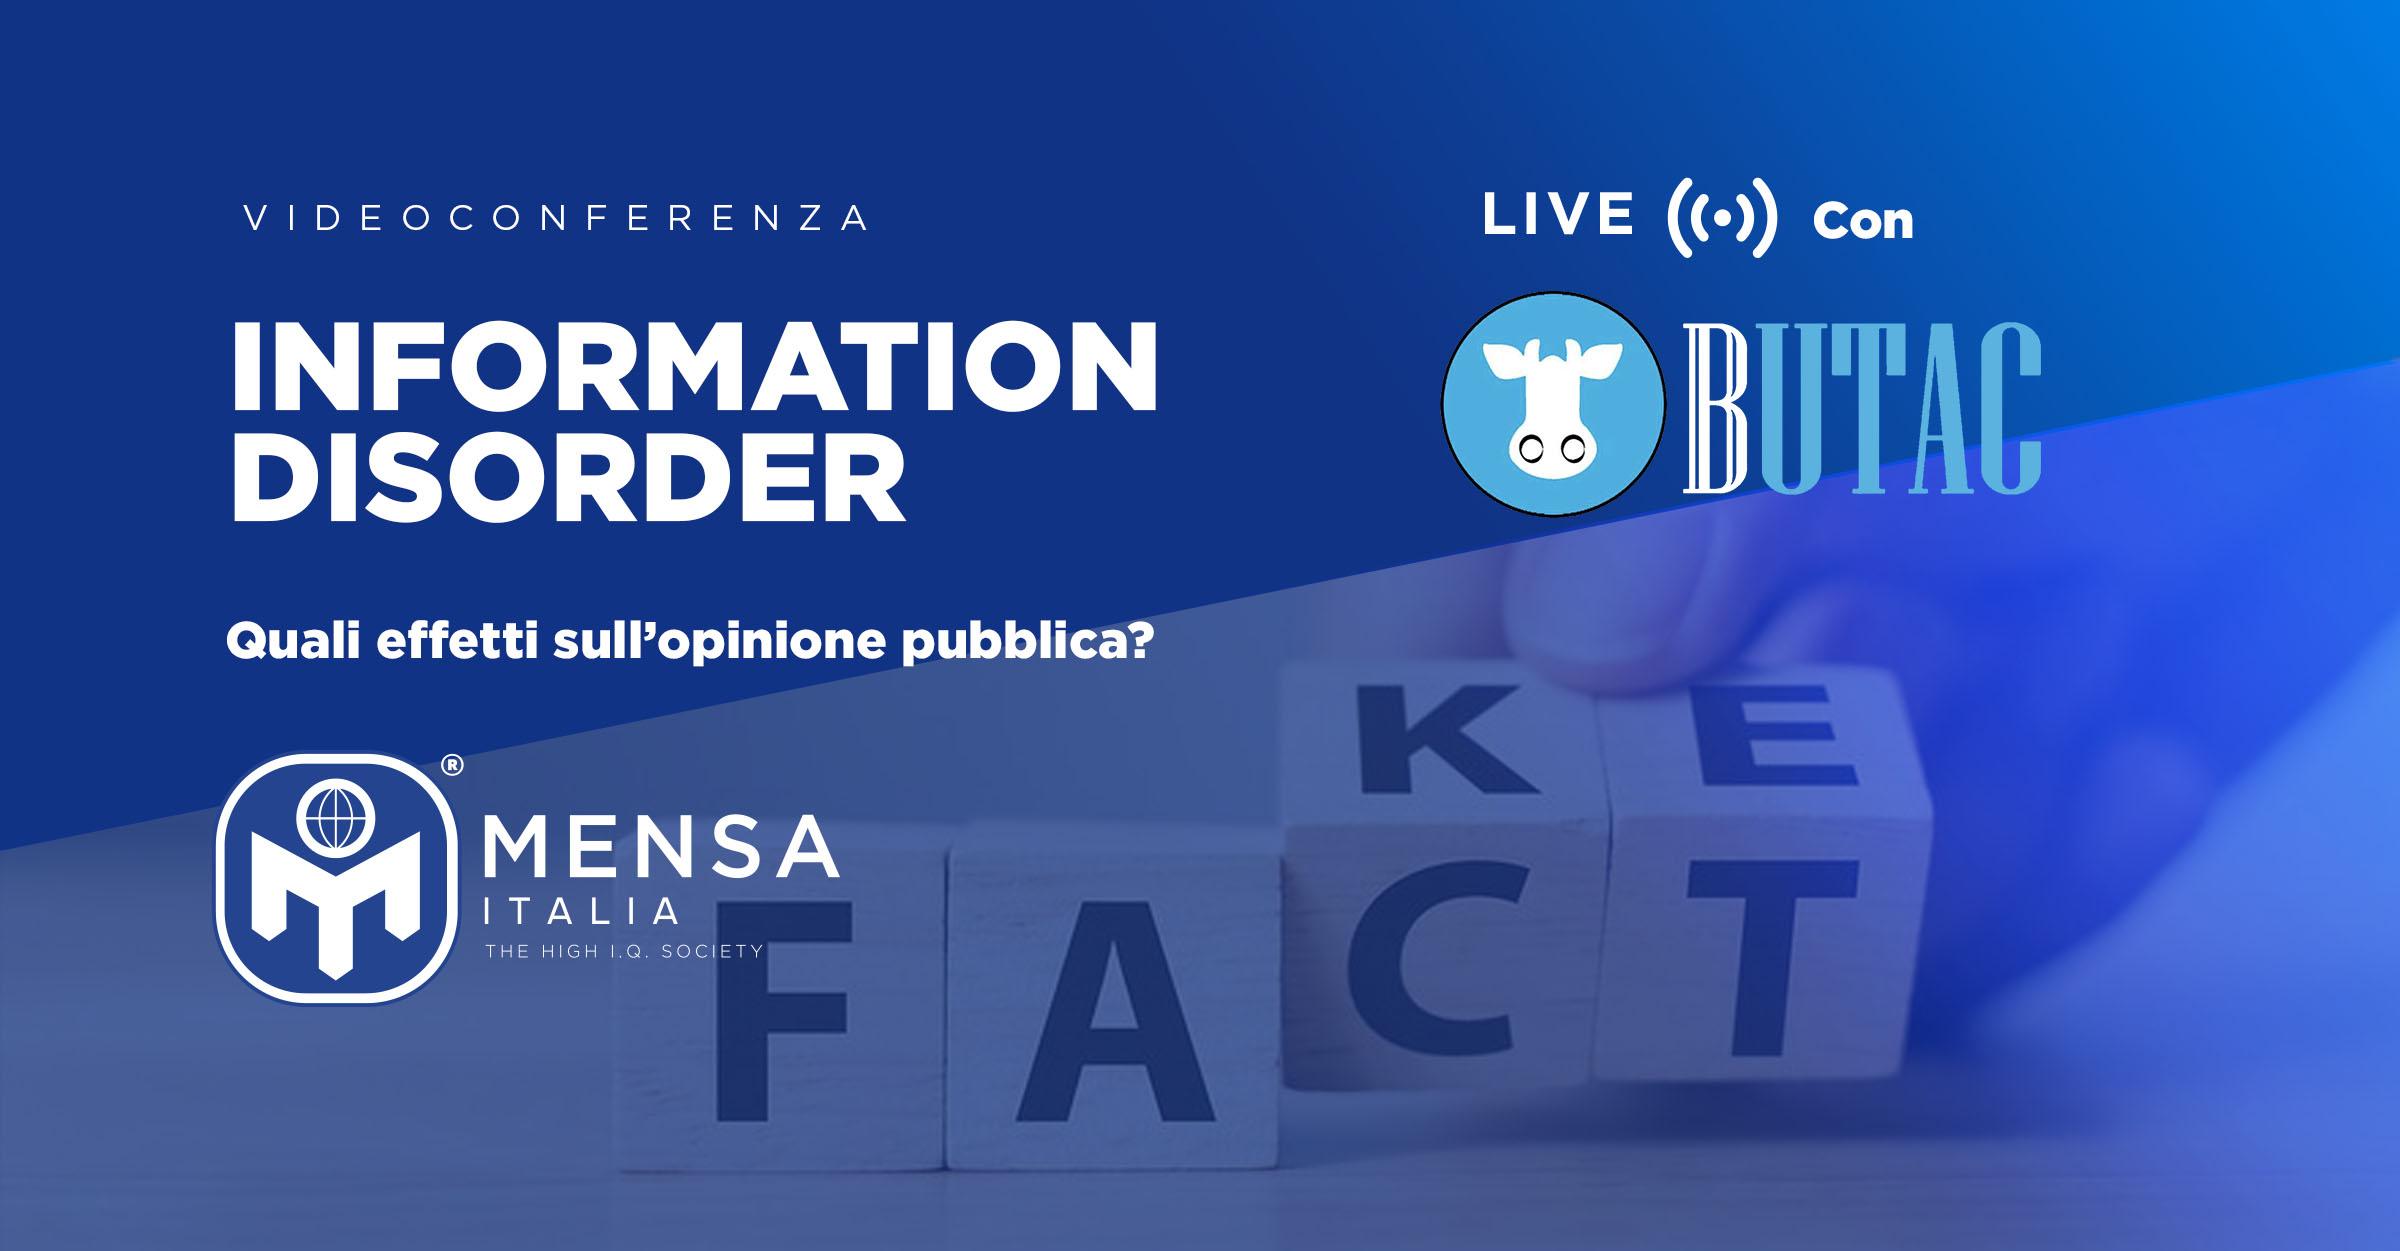 7 Aprile – videoconferenza: Information Disorder, con BUTAC